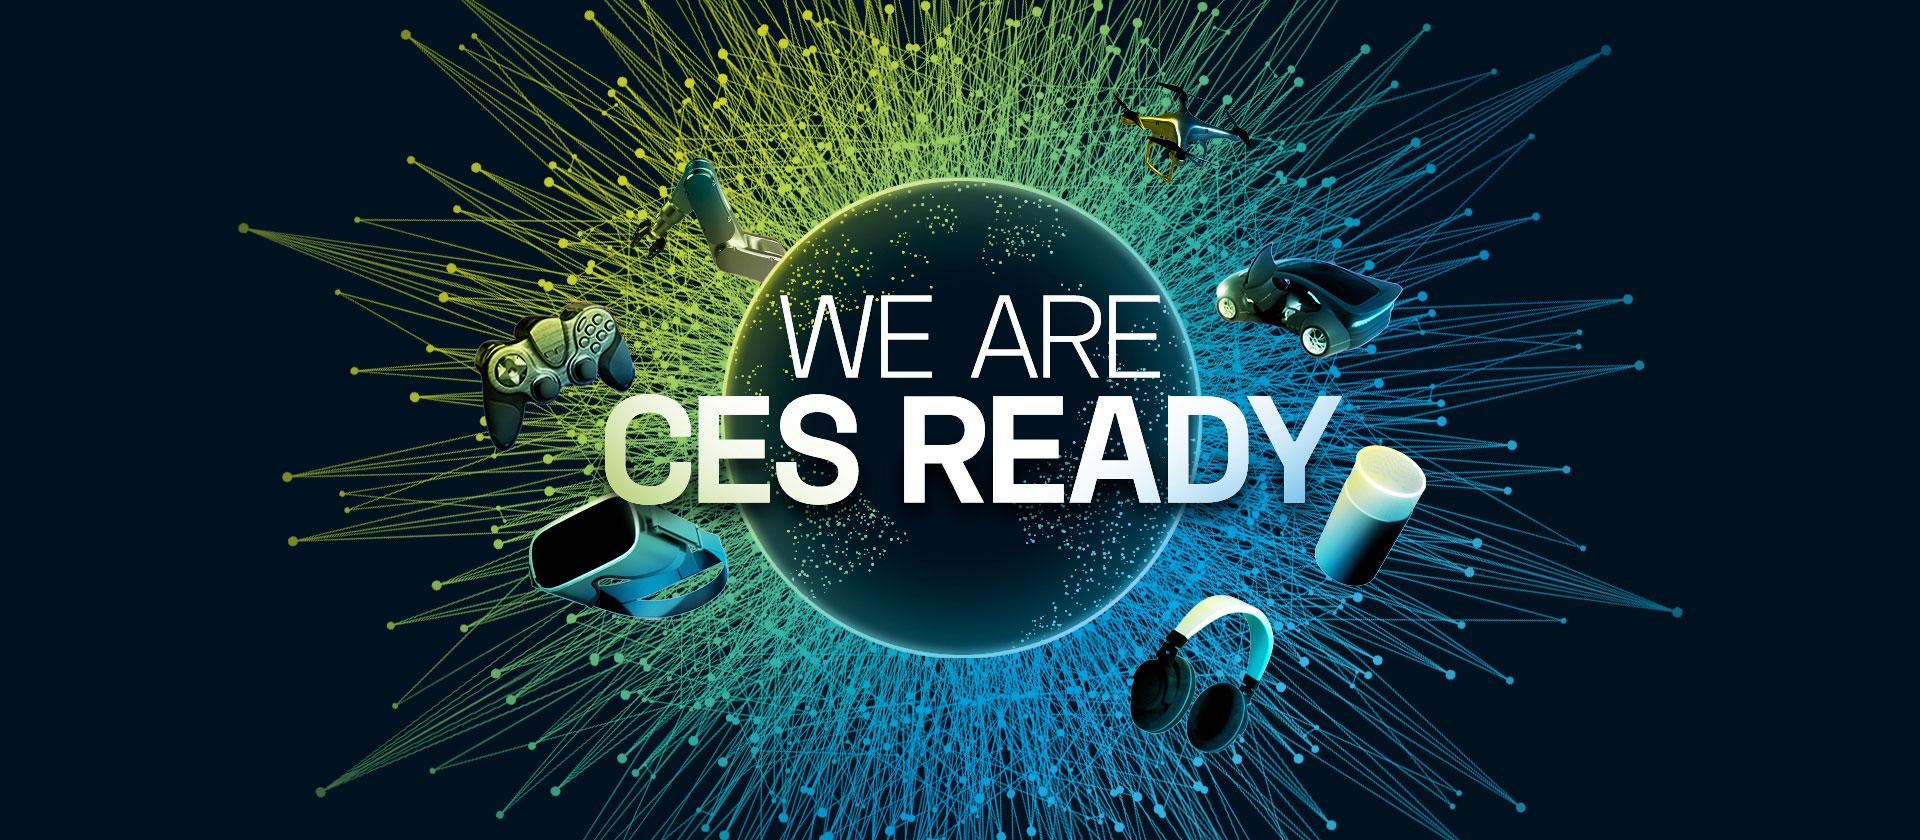 Выставка CES 2022 пройдет в стандартном формате